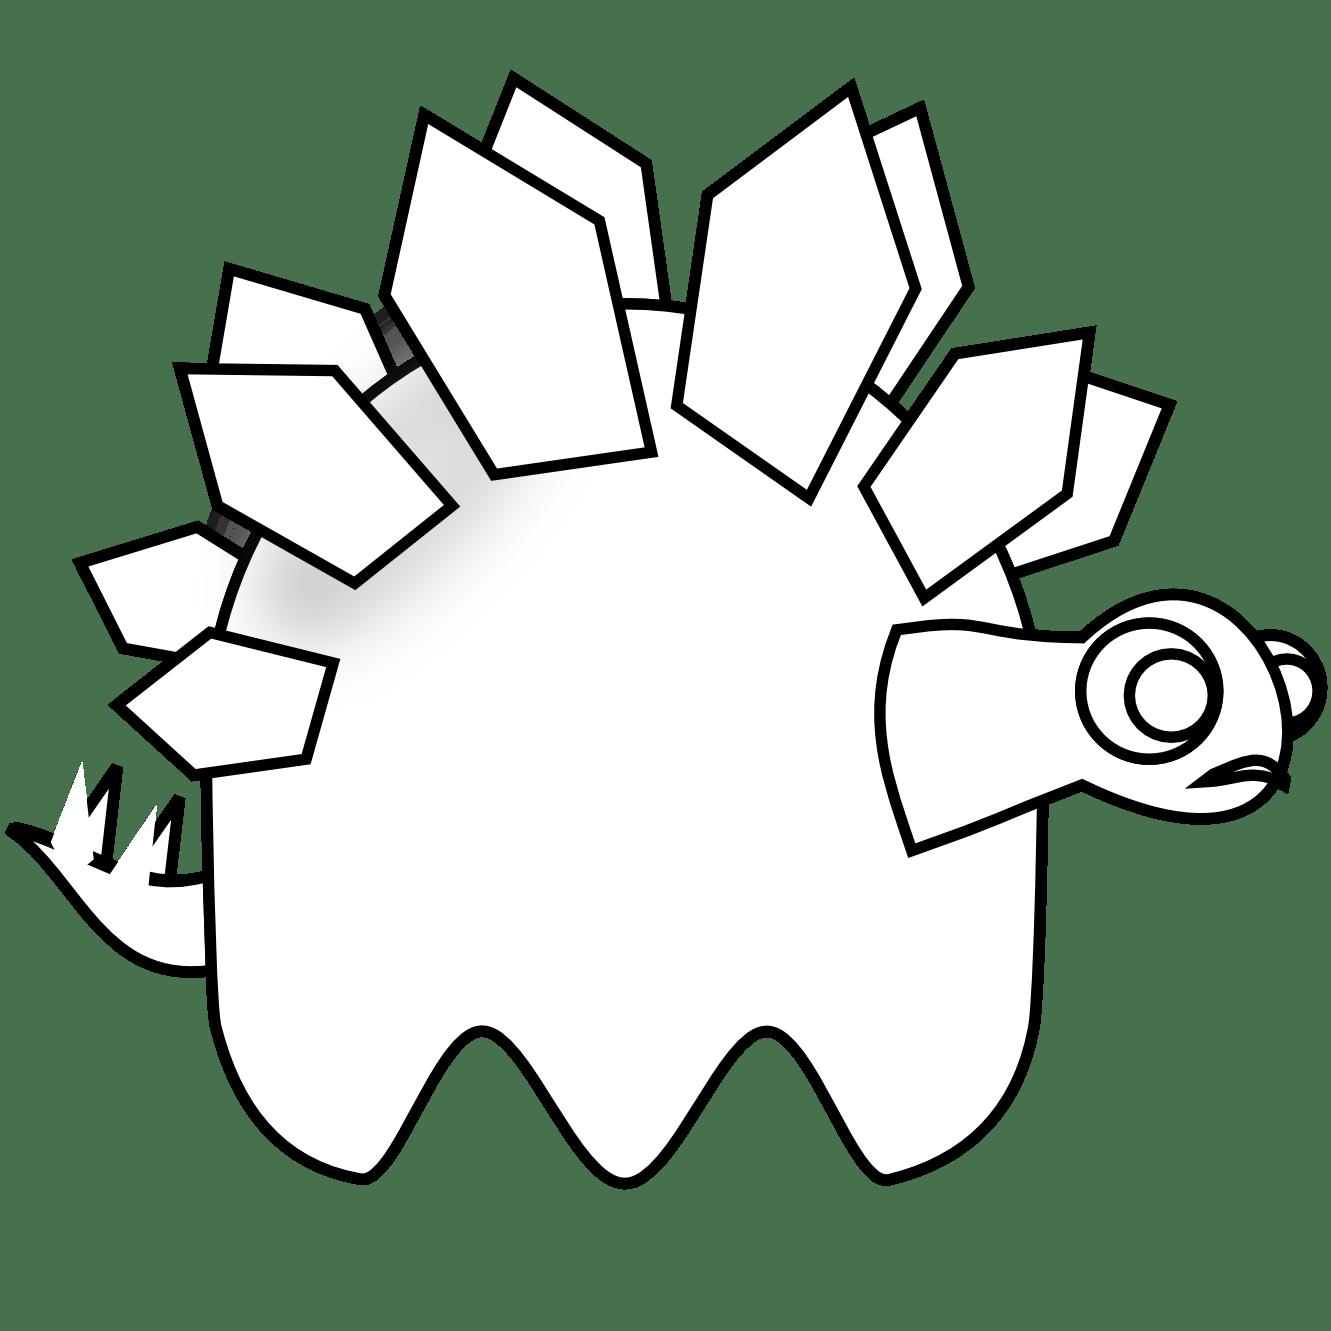 Stegosaurus Clip Art Black And White